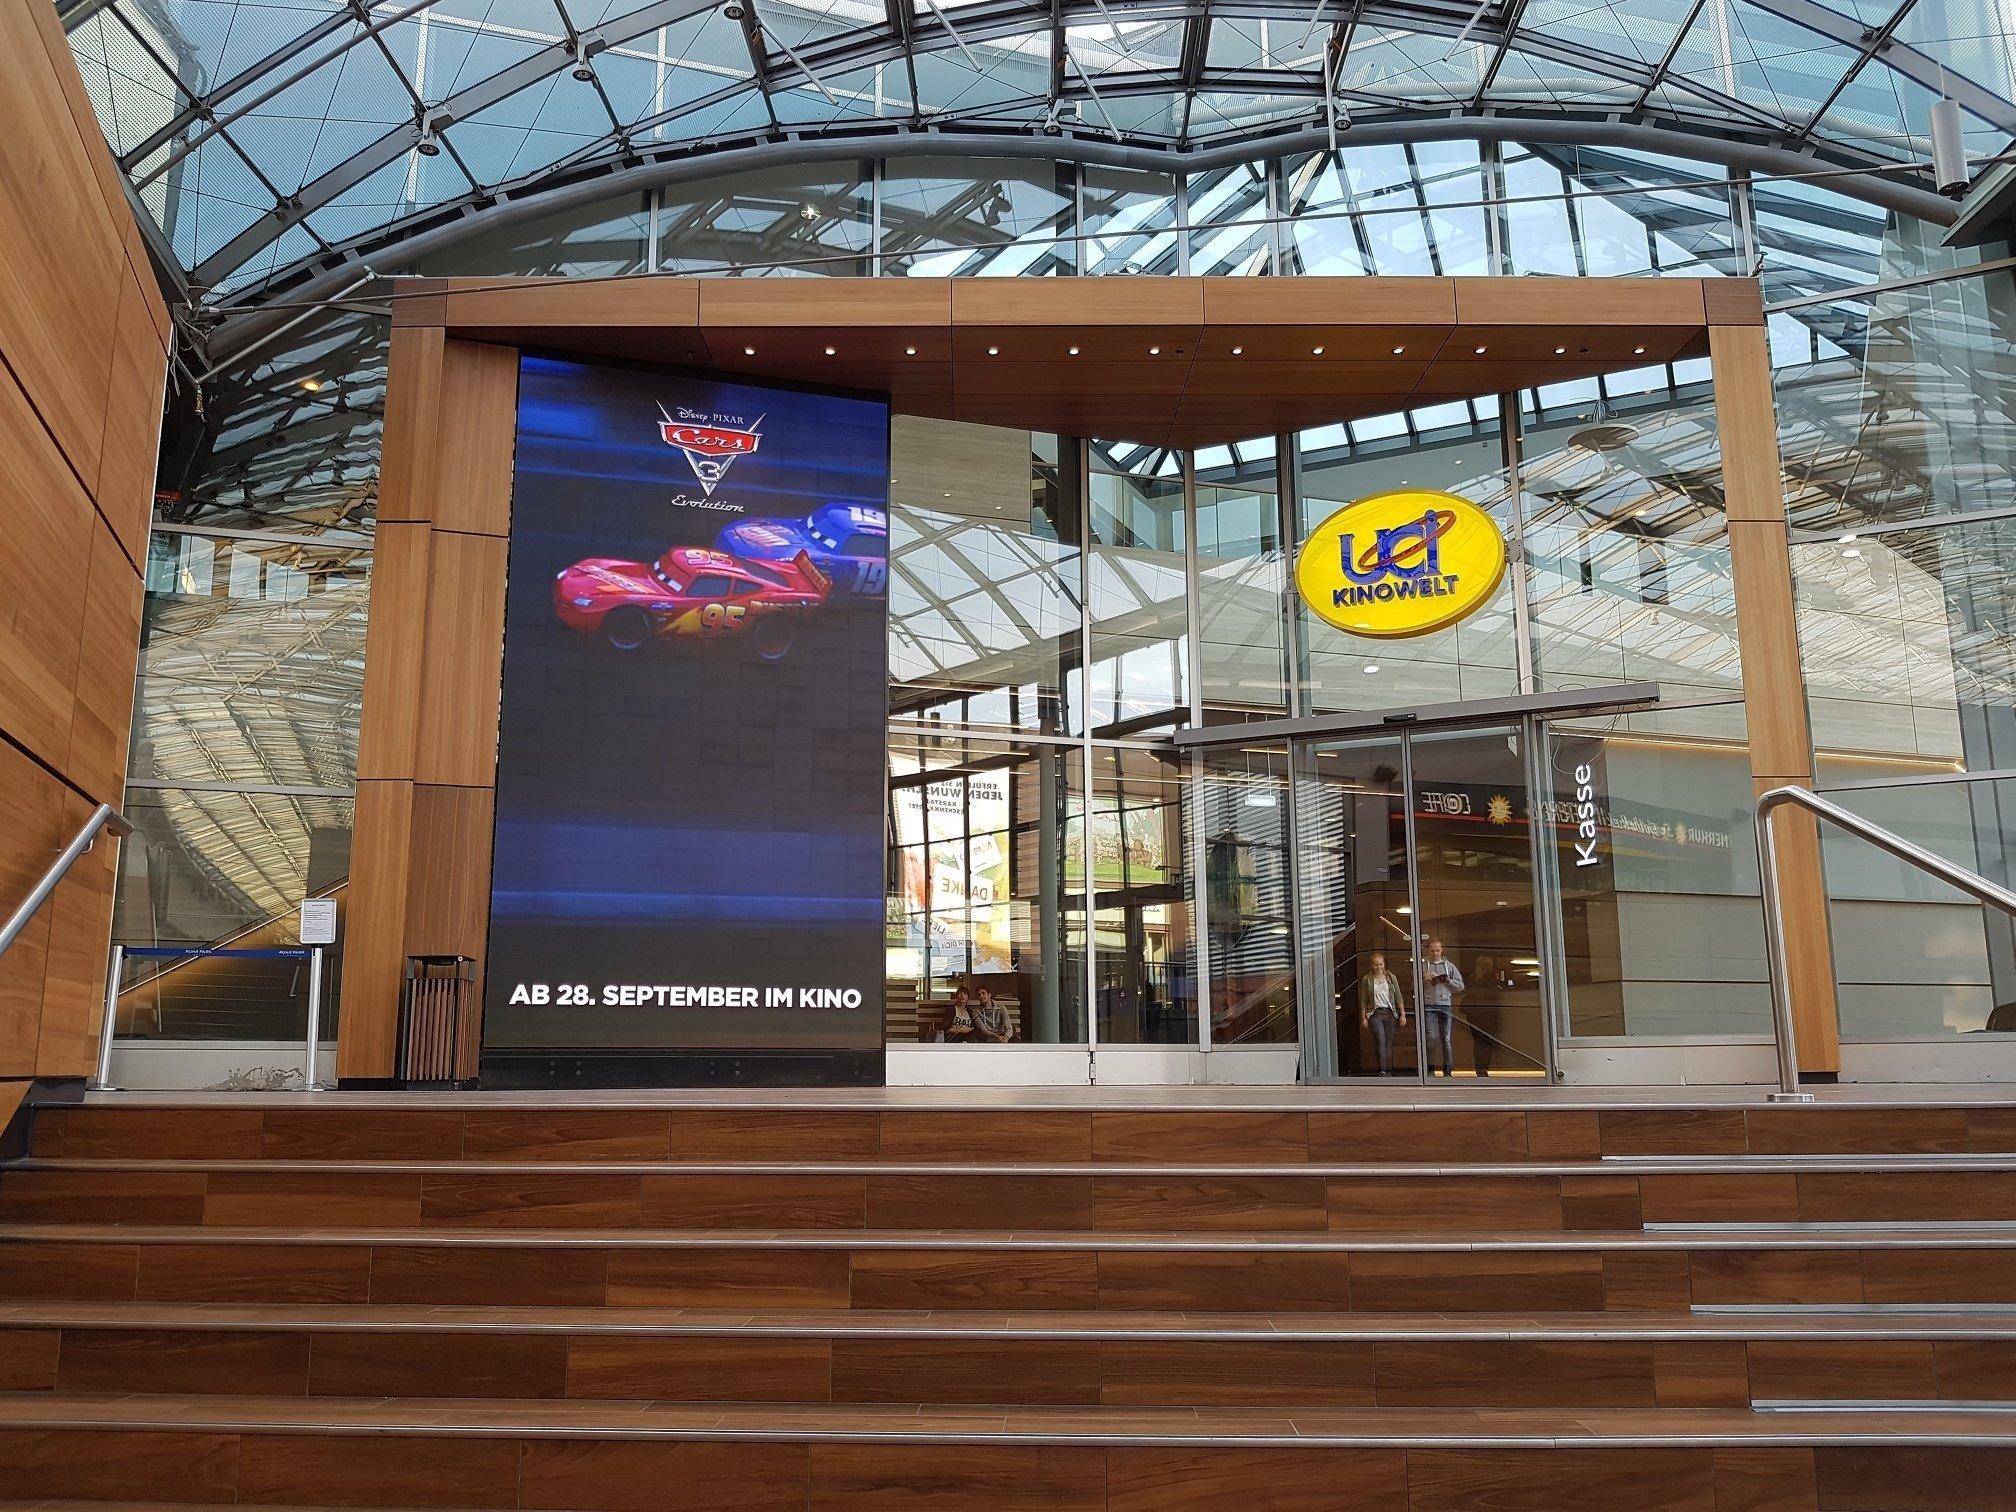 Umbauarbeiten in der UCI KINOWELT Ruhr Park sind abgeschlossen